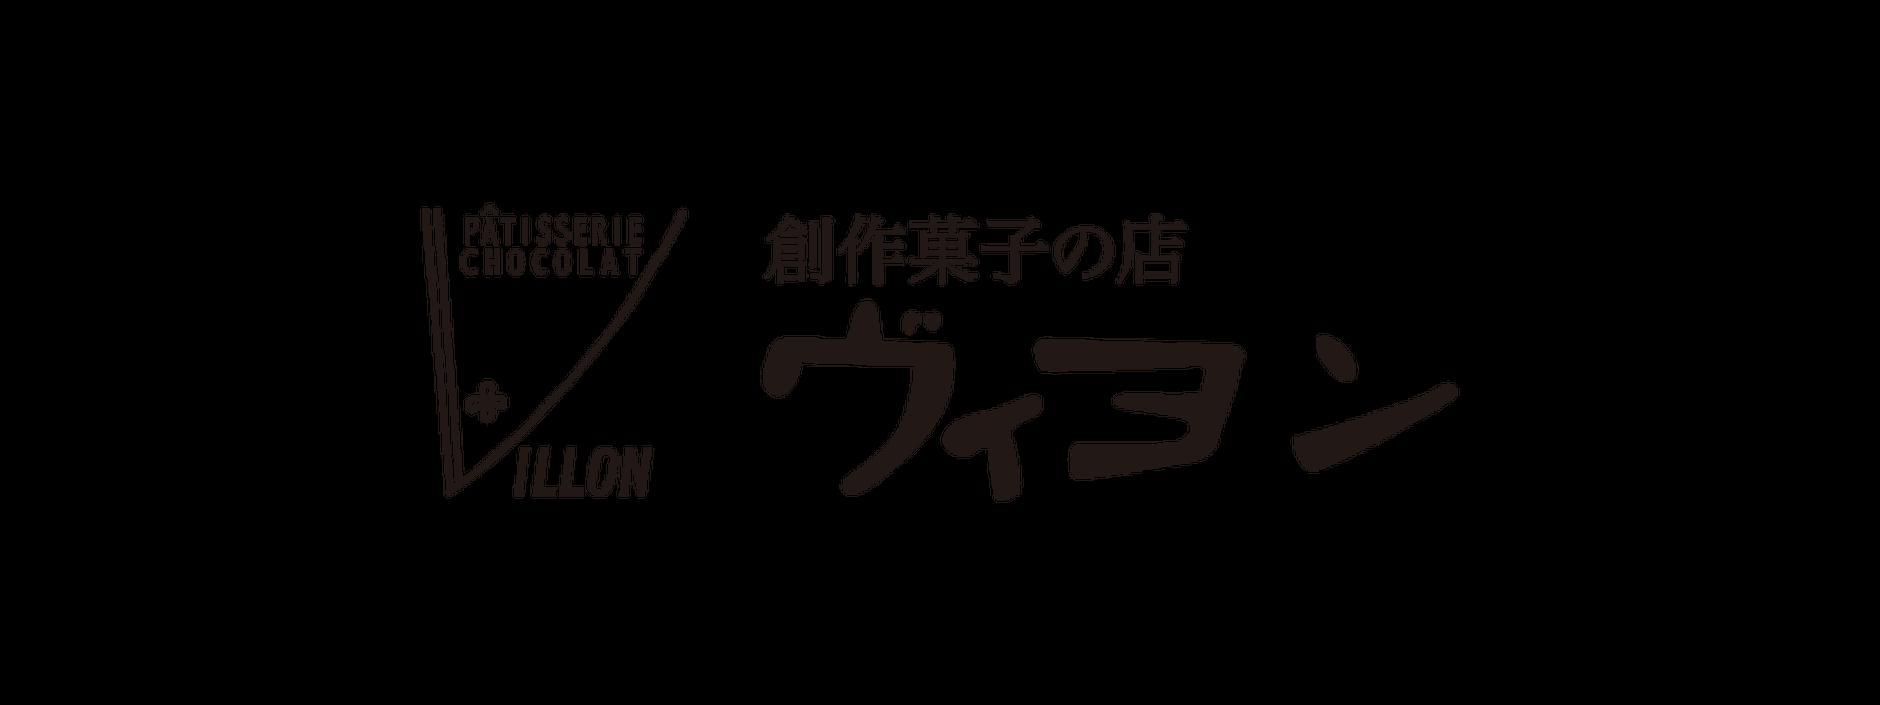 ヴィヨン公式オンラインショップ